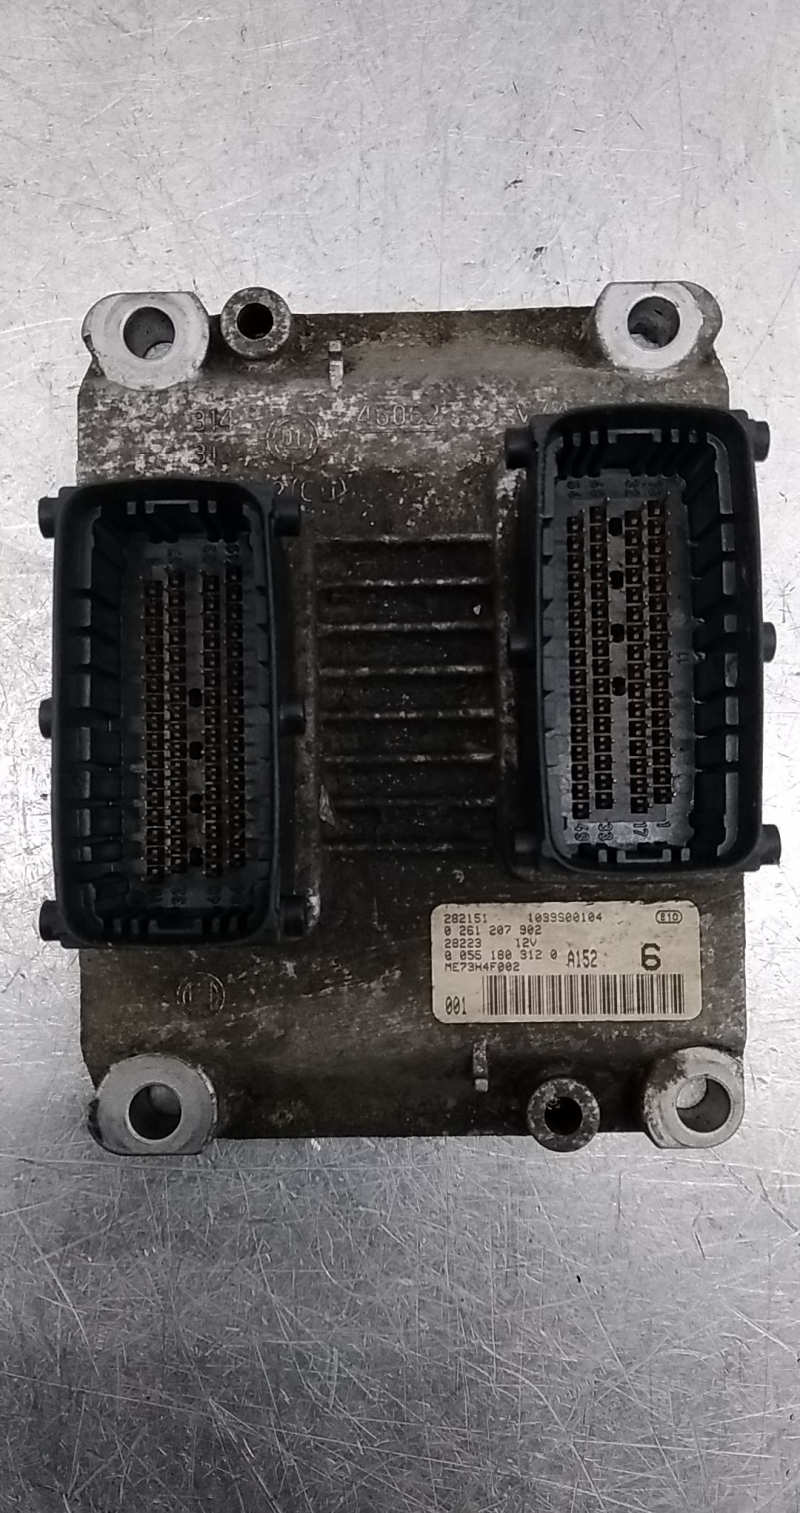 Centralina do Motor